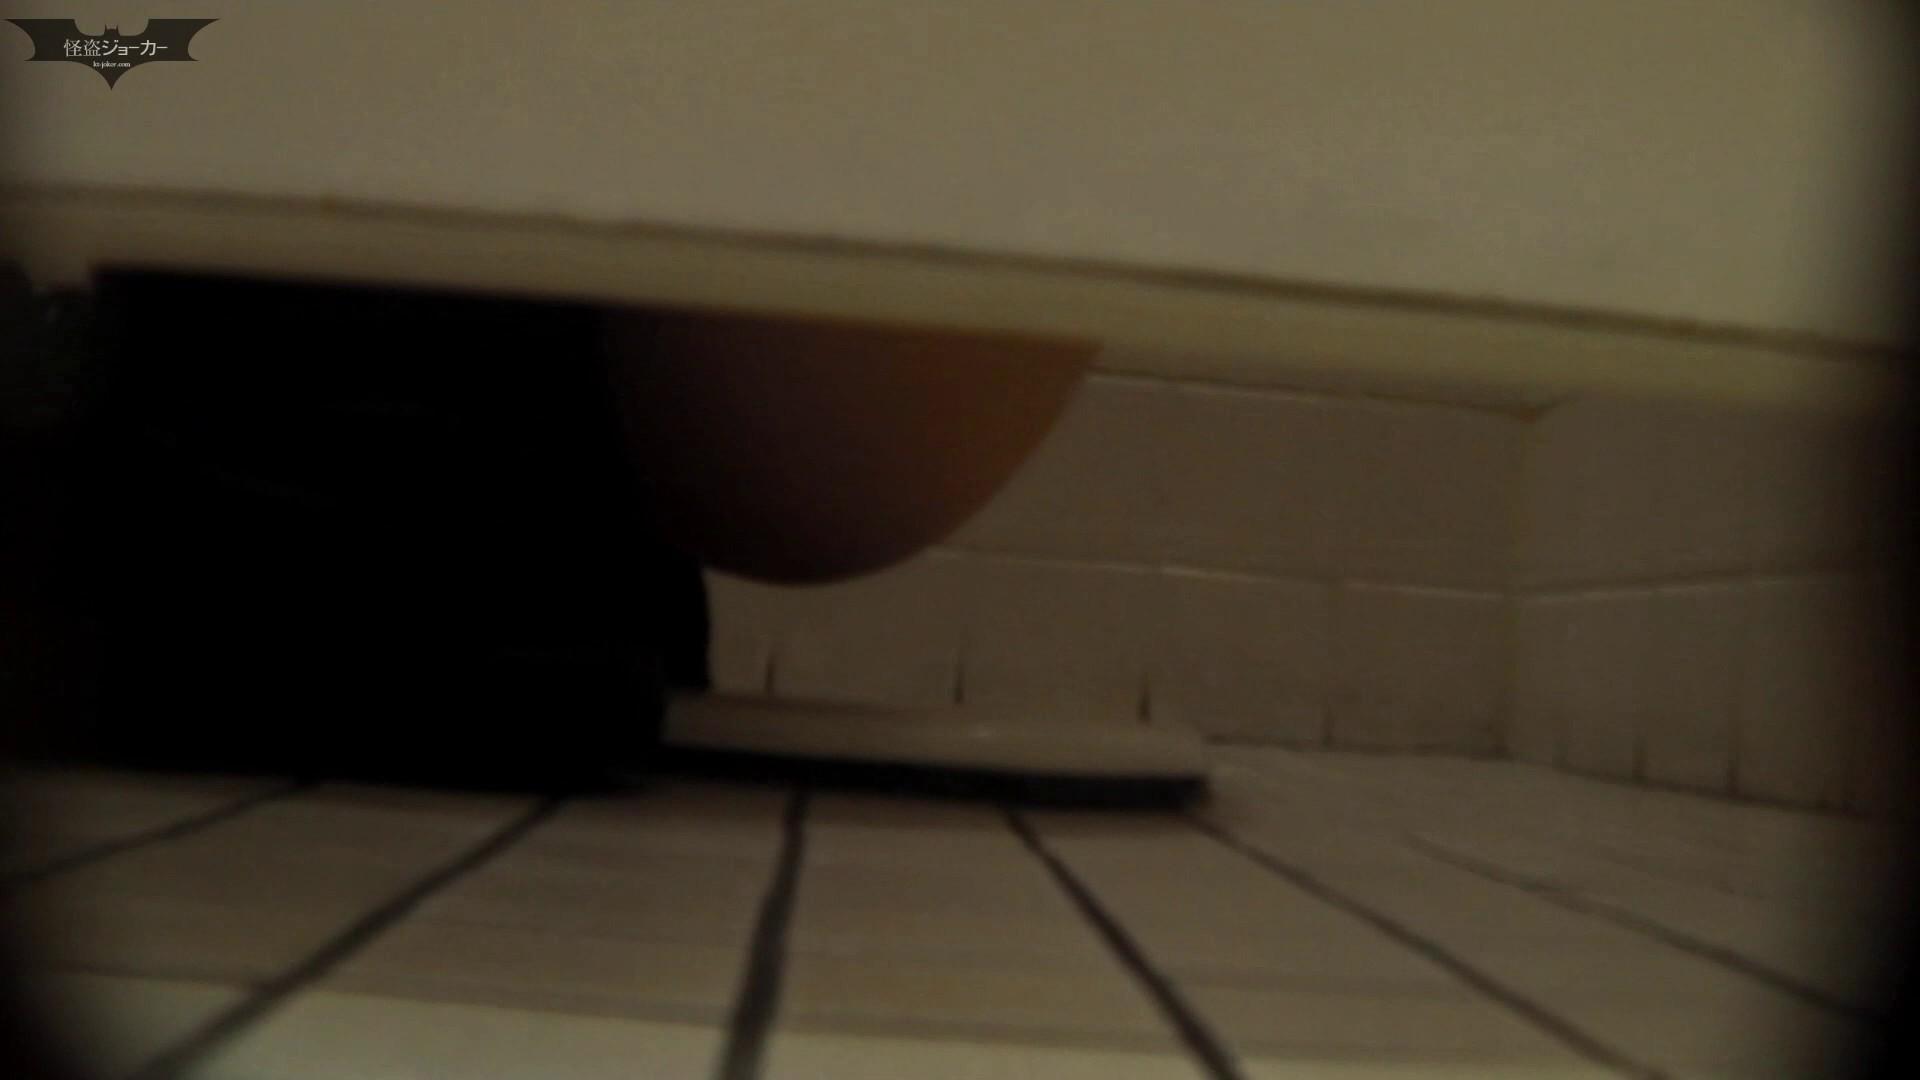 お銀さんの「洗面所突入レポート!!」 vol.51 突入最前線!おまけ付き 洗面所のぞき   ギャル達  105枚 1